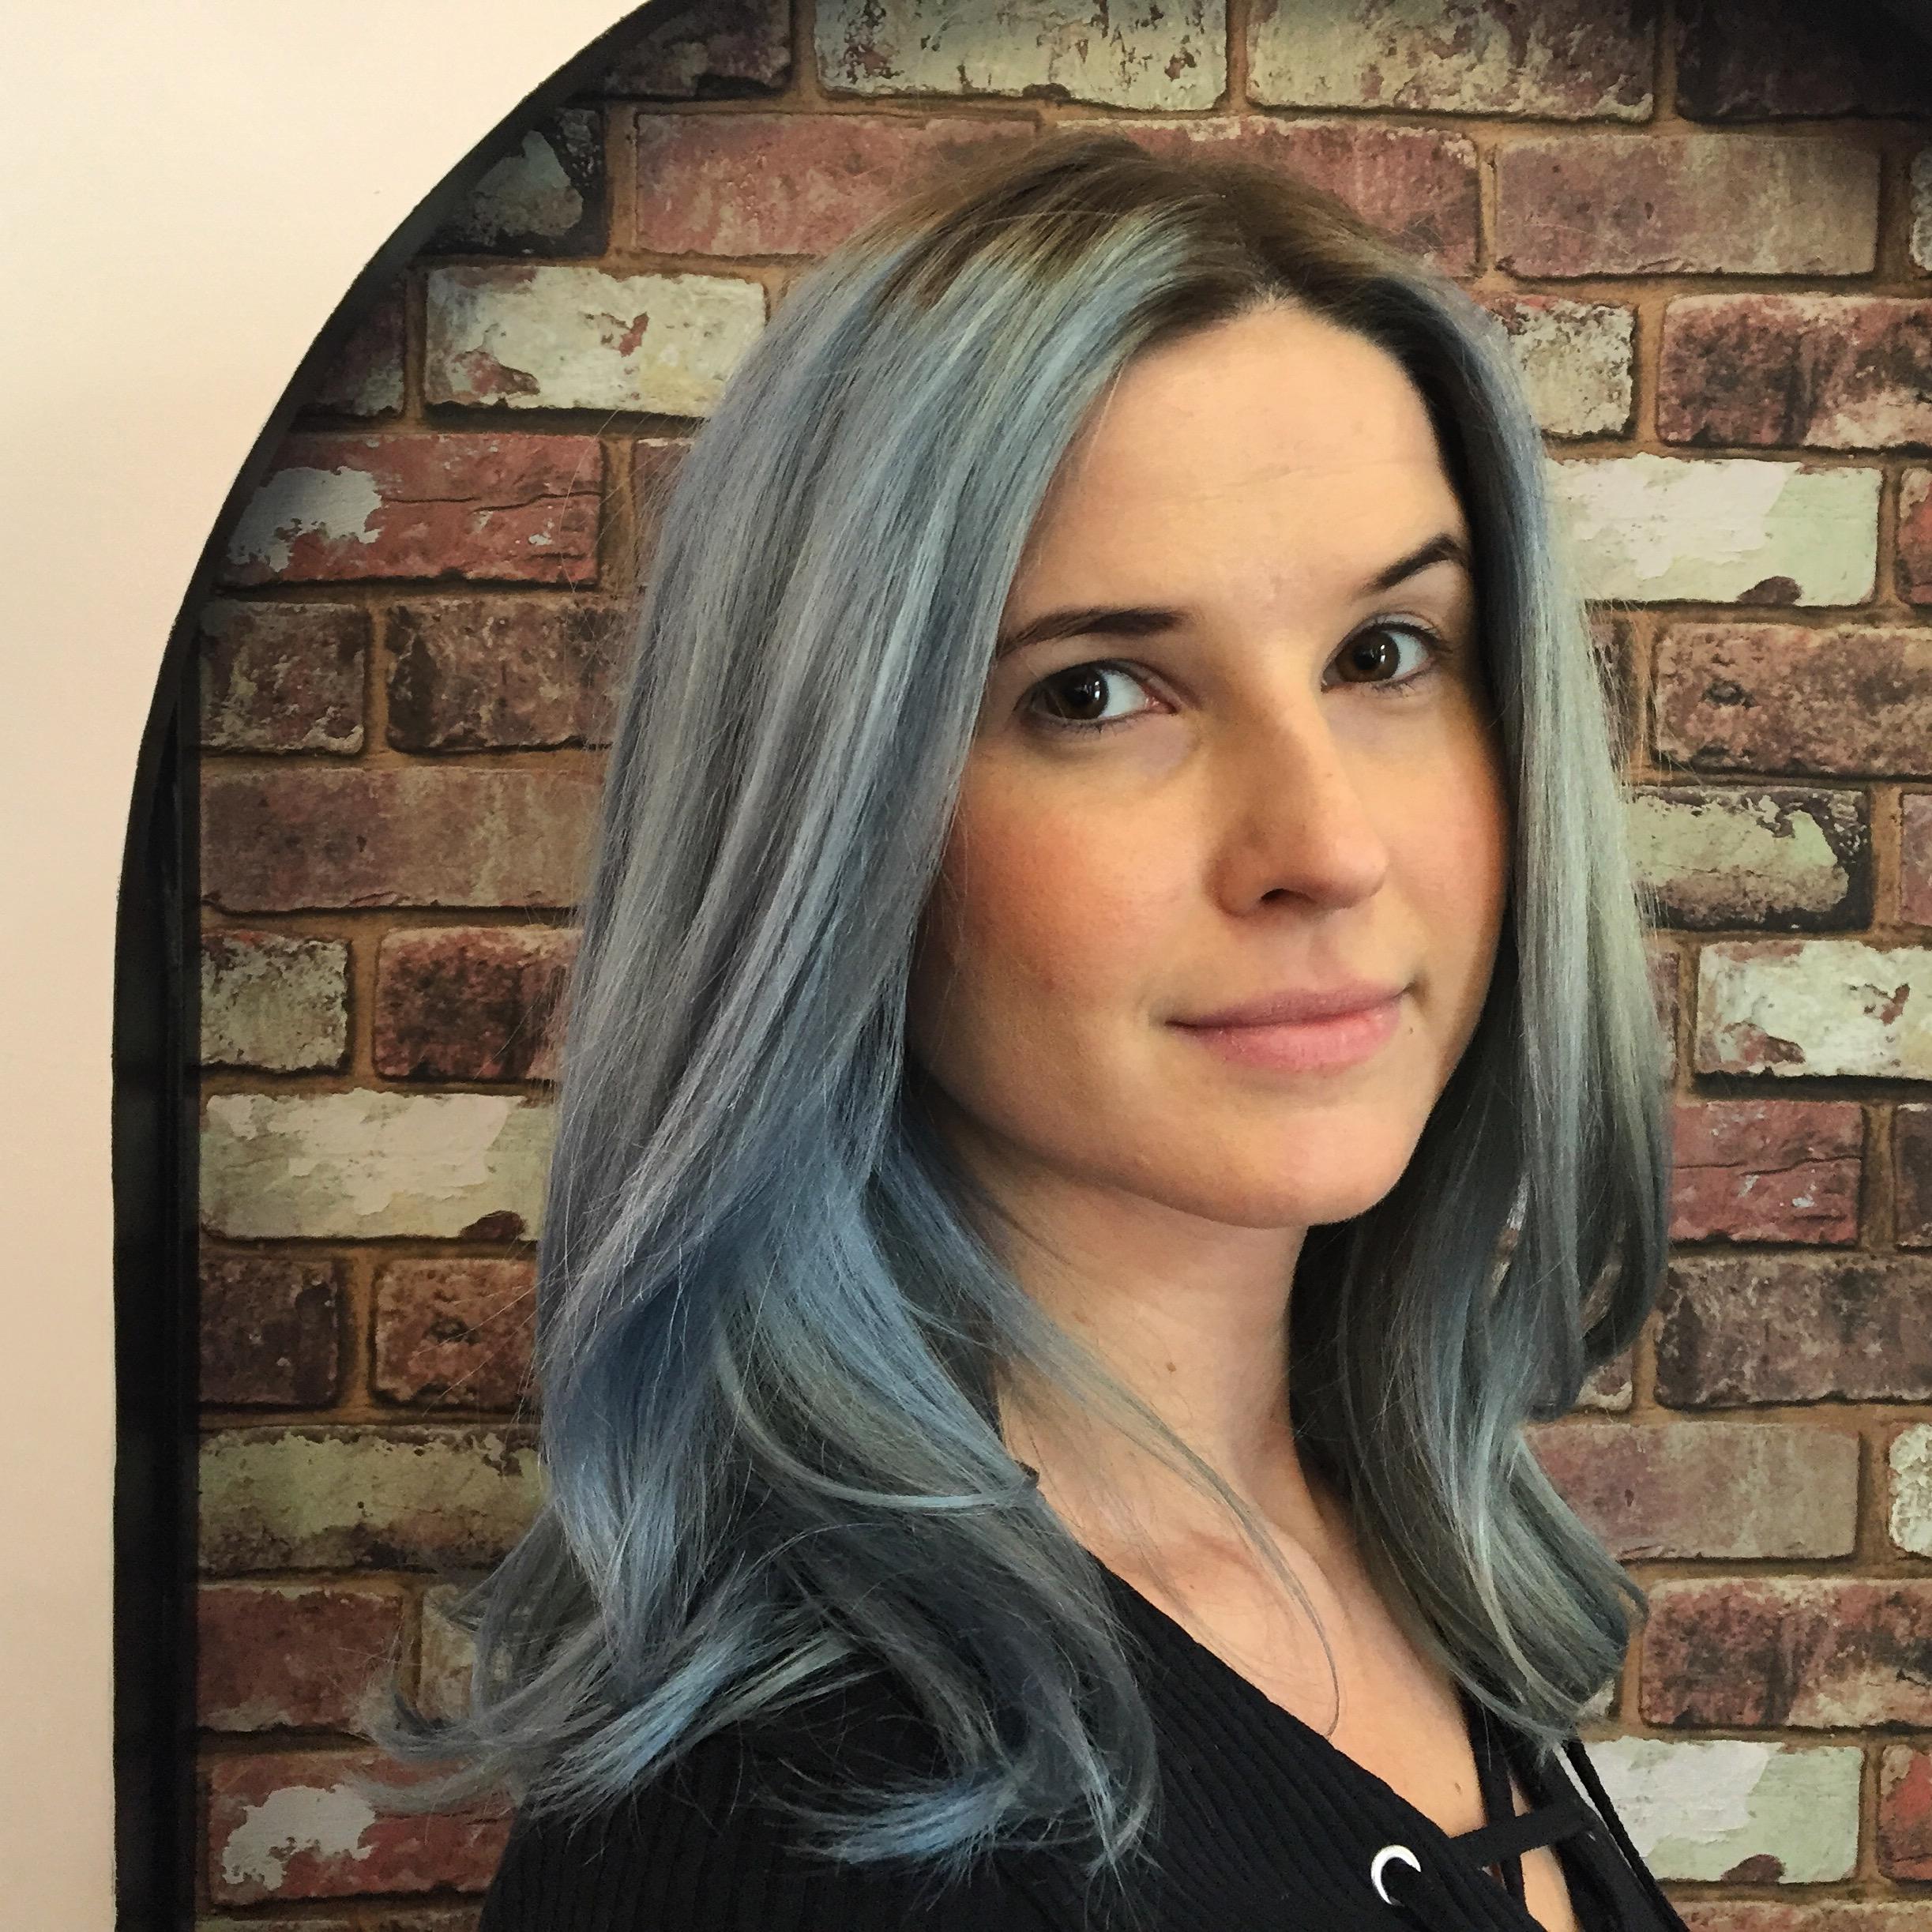 Ocean Pastel Blue Hair Seagull Salon